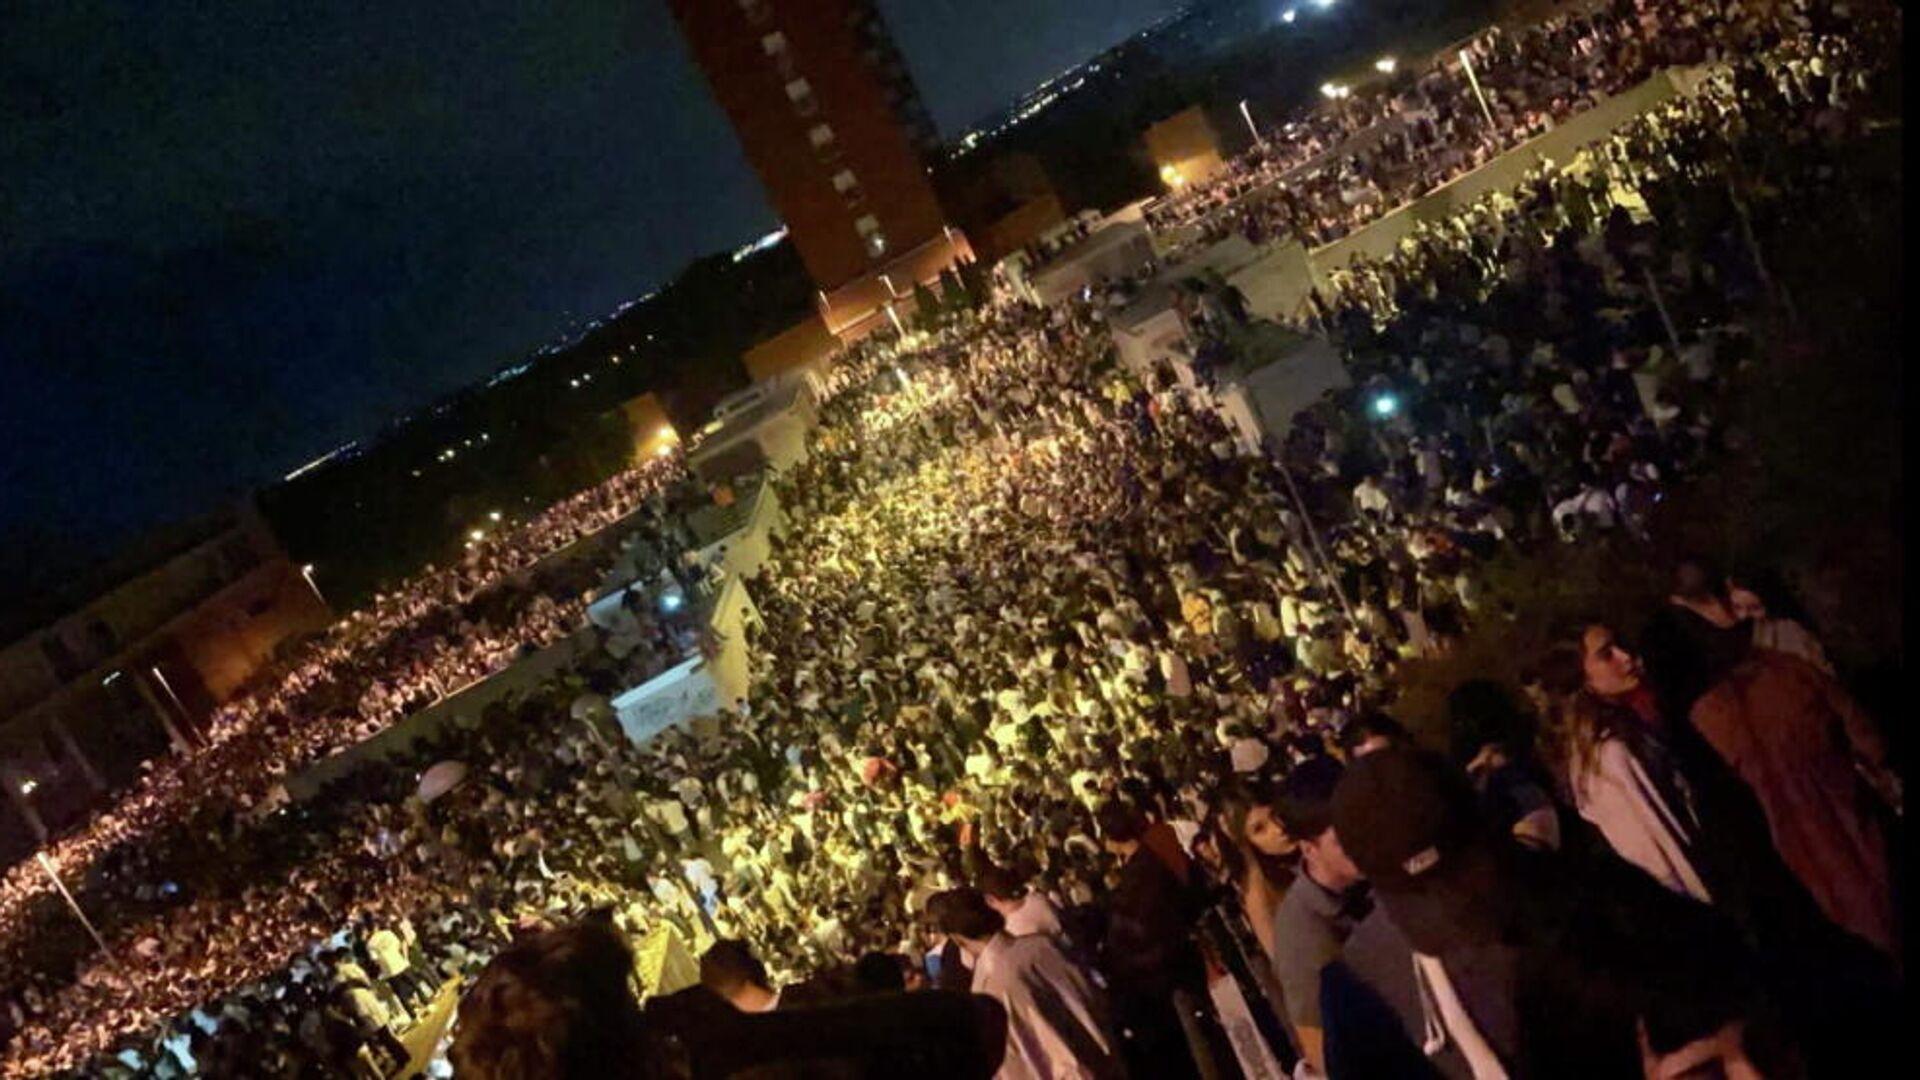 Πάρτι στην Πανεπιστημιούπολη της Μαδρίτης με τουλάχιστον 25.000 ανθρώπους, 18 Σεπτεμβρίου 2021 - Sputnik Ελλάδα, 1920, 19.09.2021